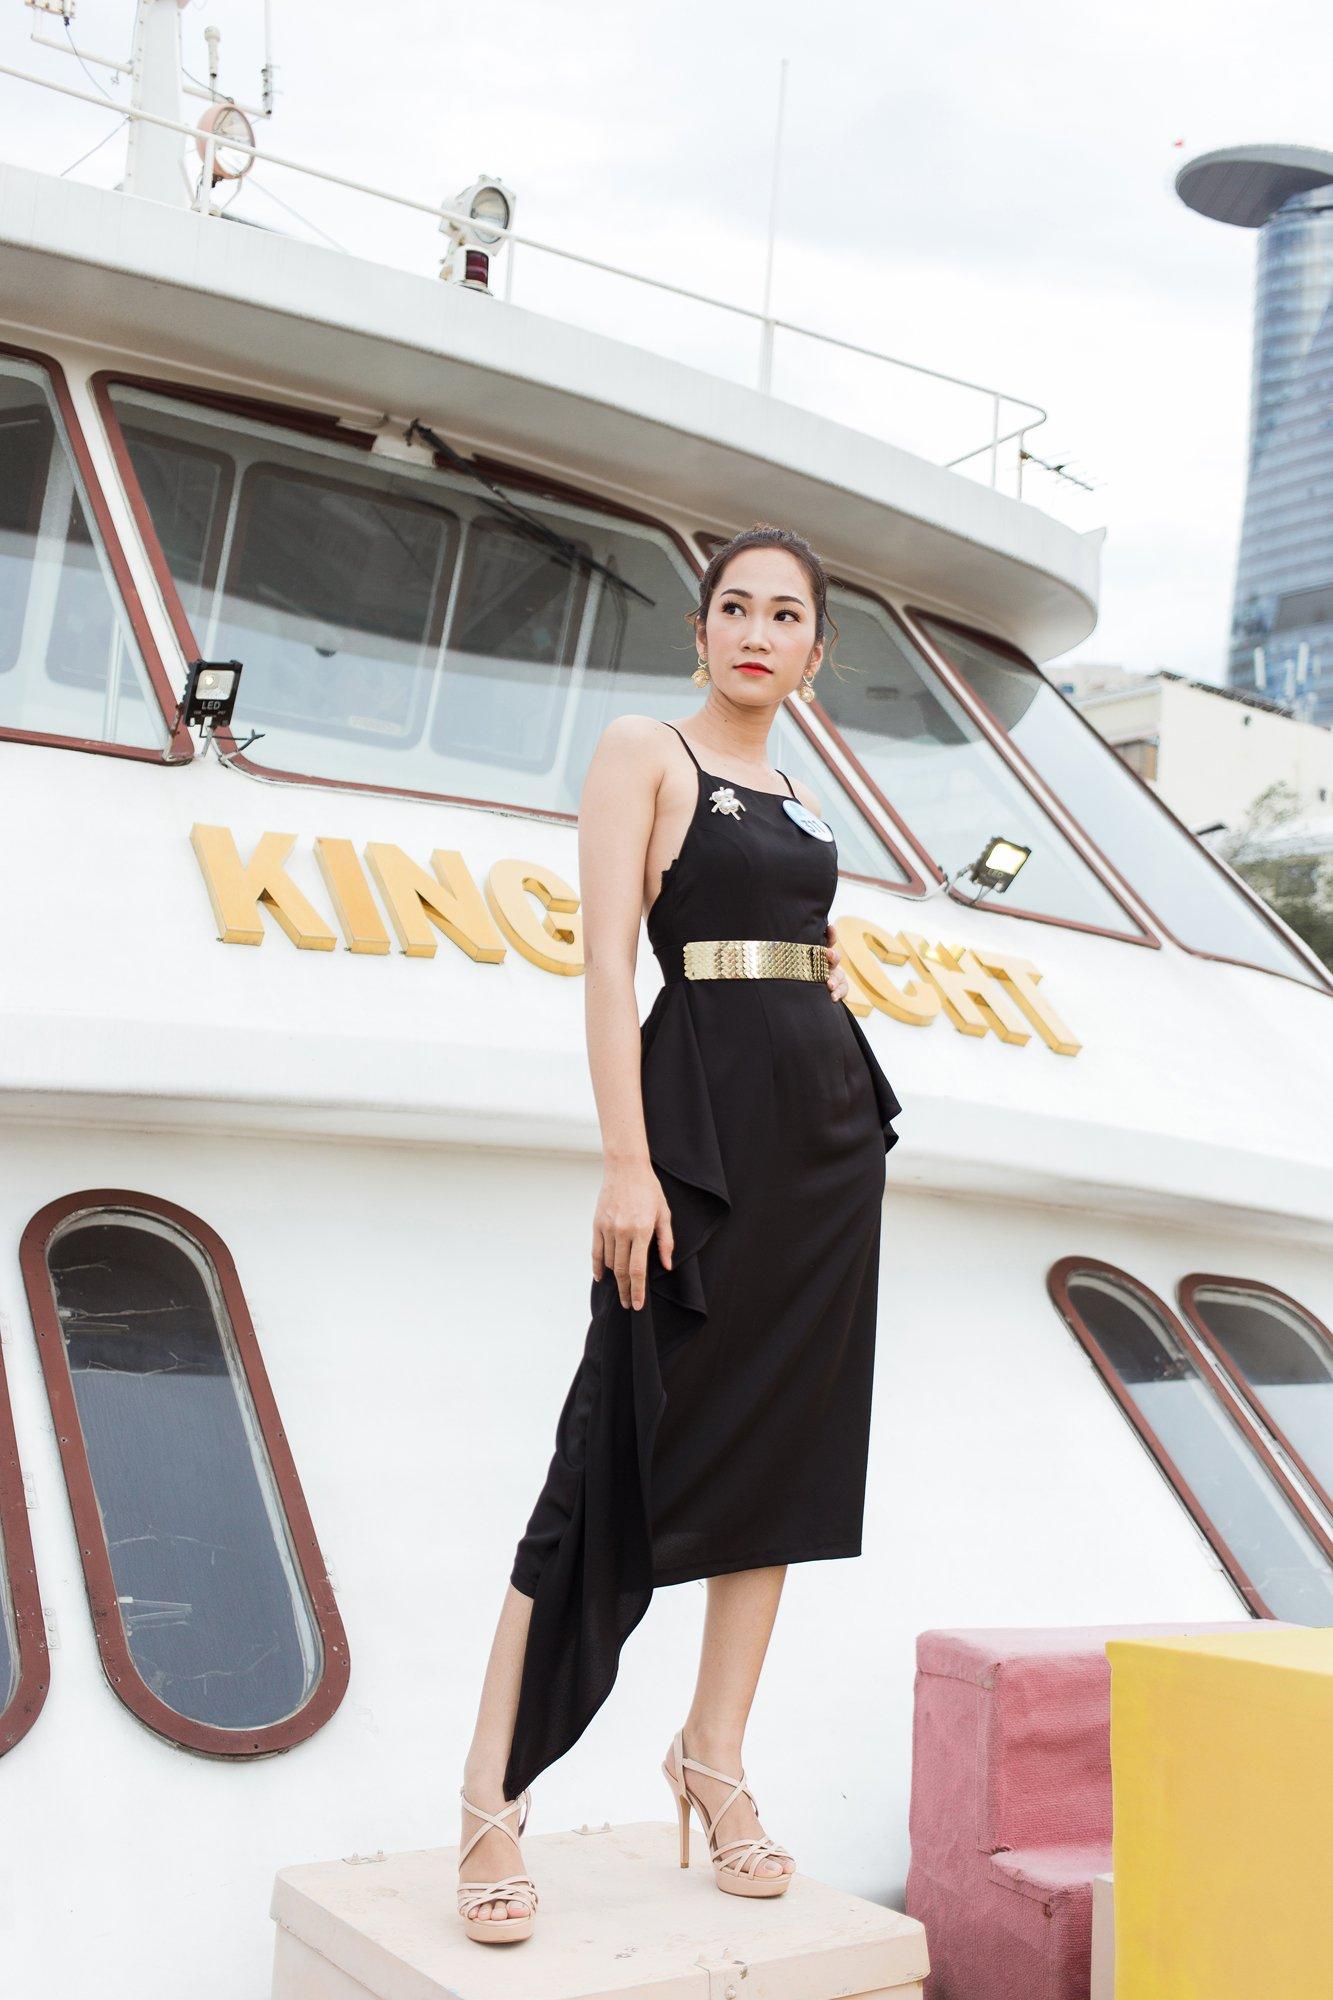 King Yacht Cruise đồng hành cùng Miss World Việt Nam 2019 - 16